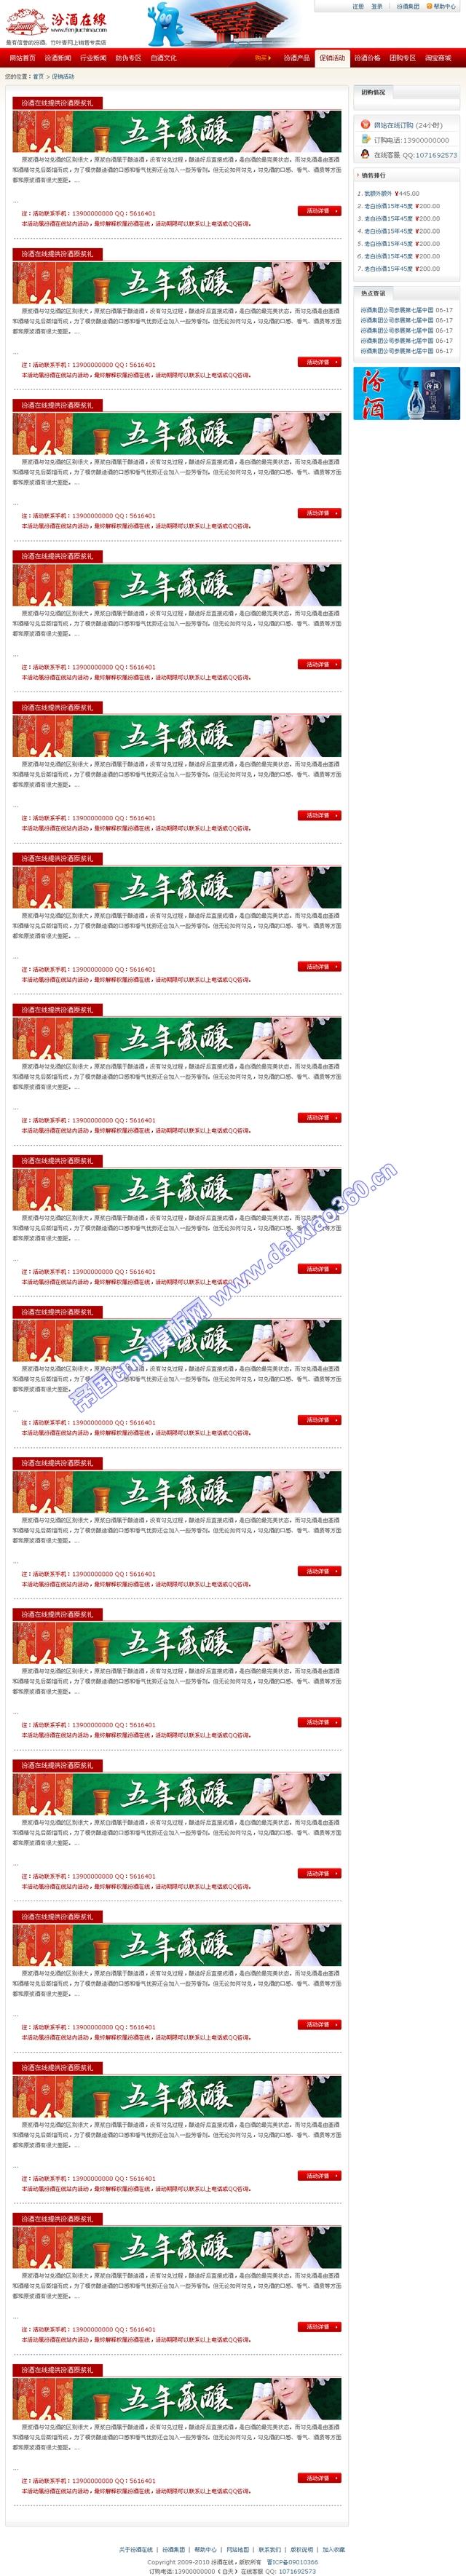 帝国cms红色商城模板_促销活动